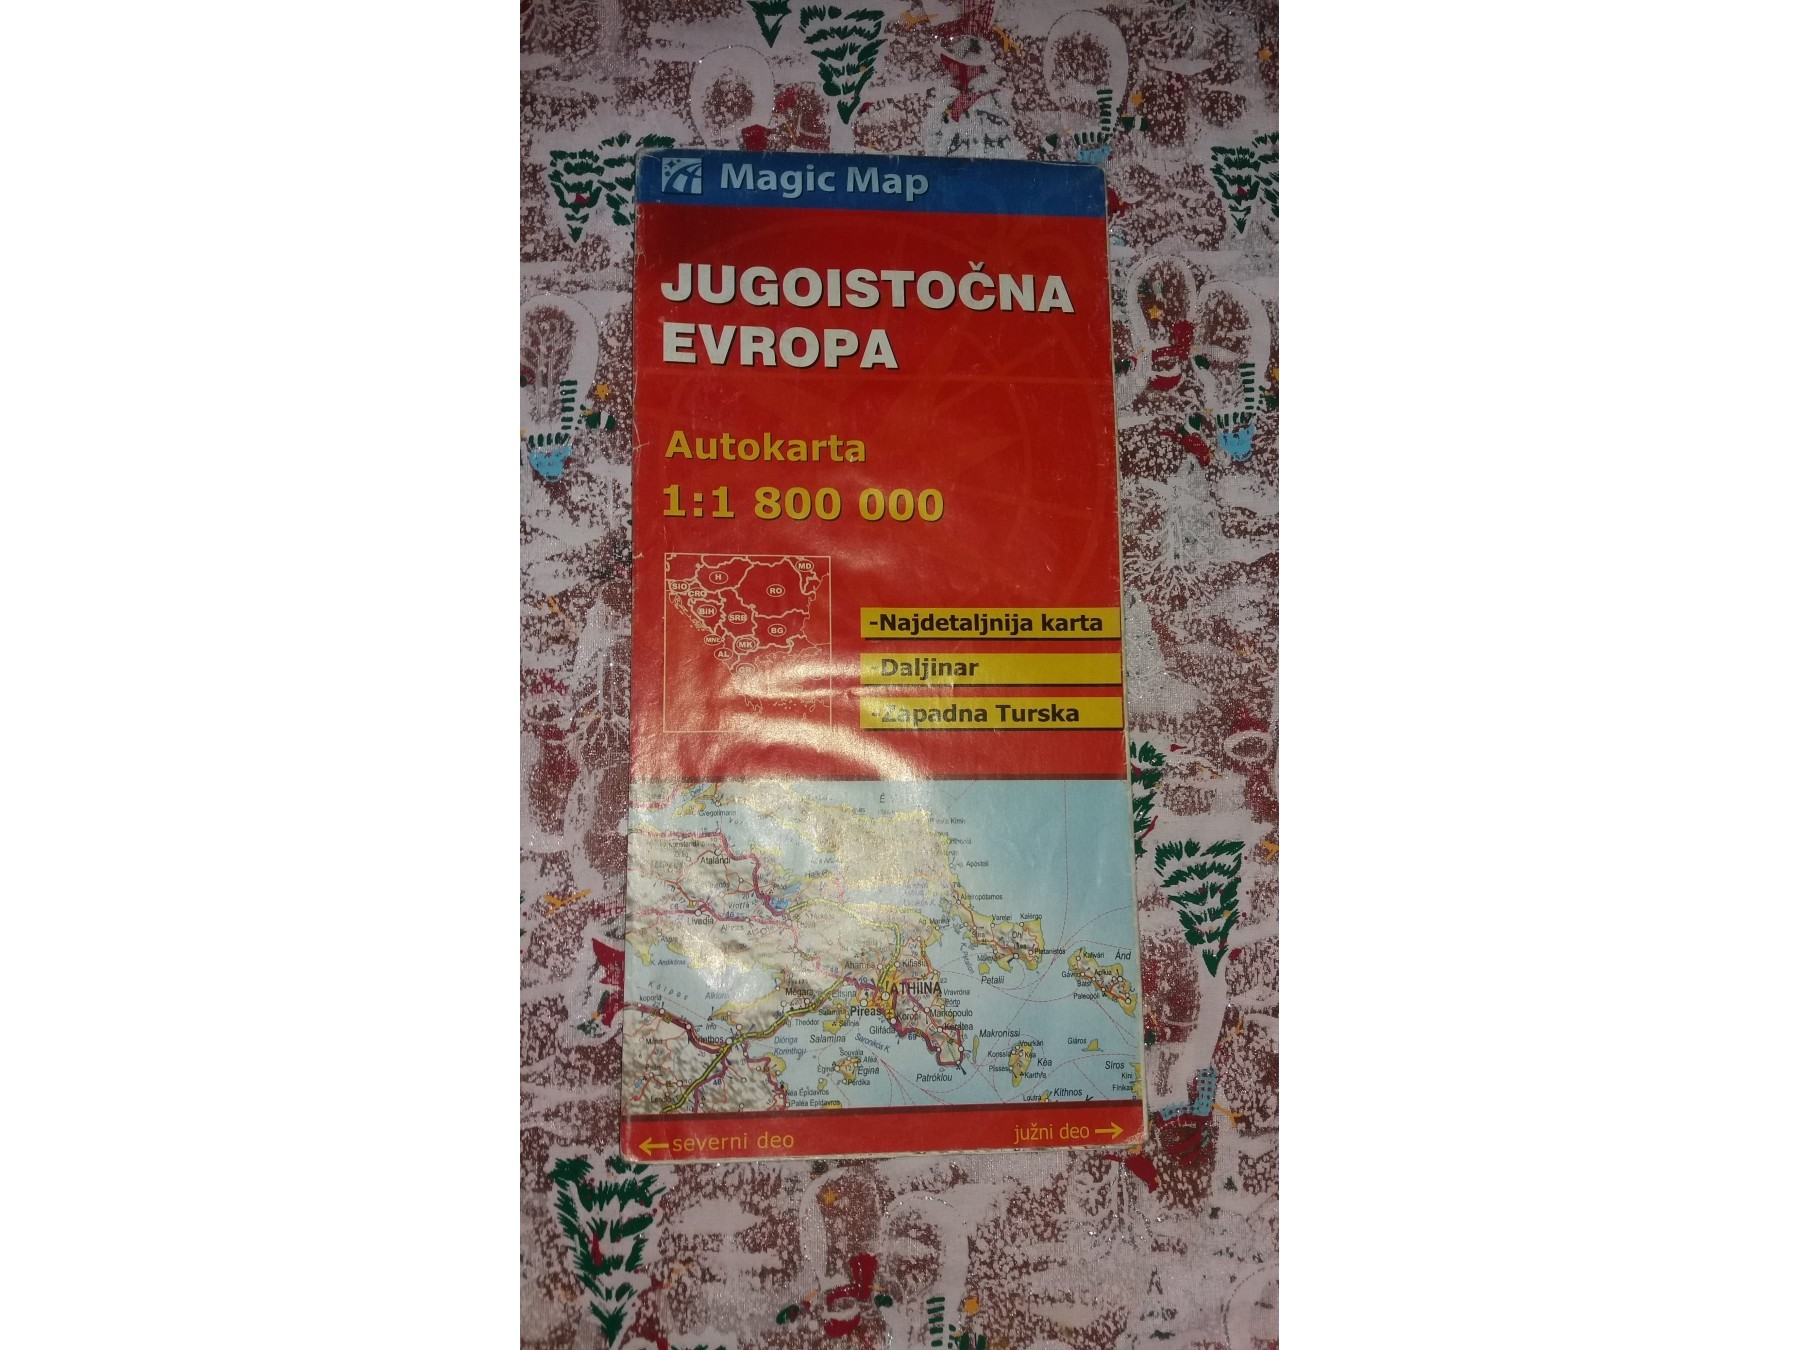 Autokarta Jugoistocne Evrope Kupindo Com 36913919